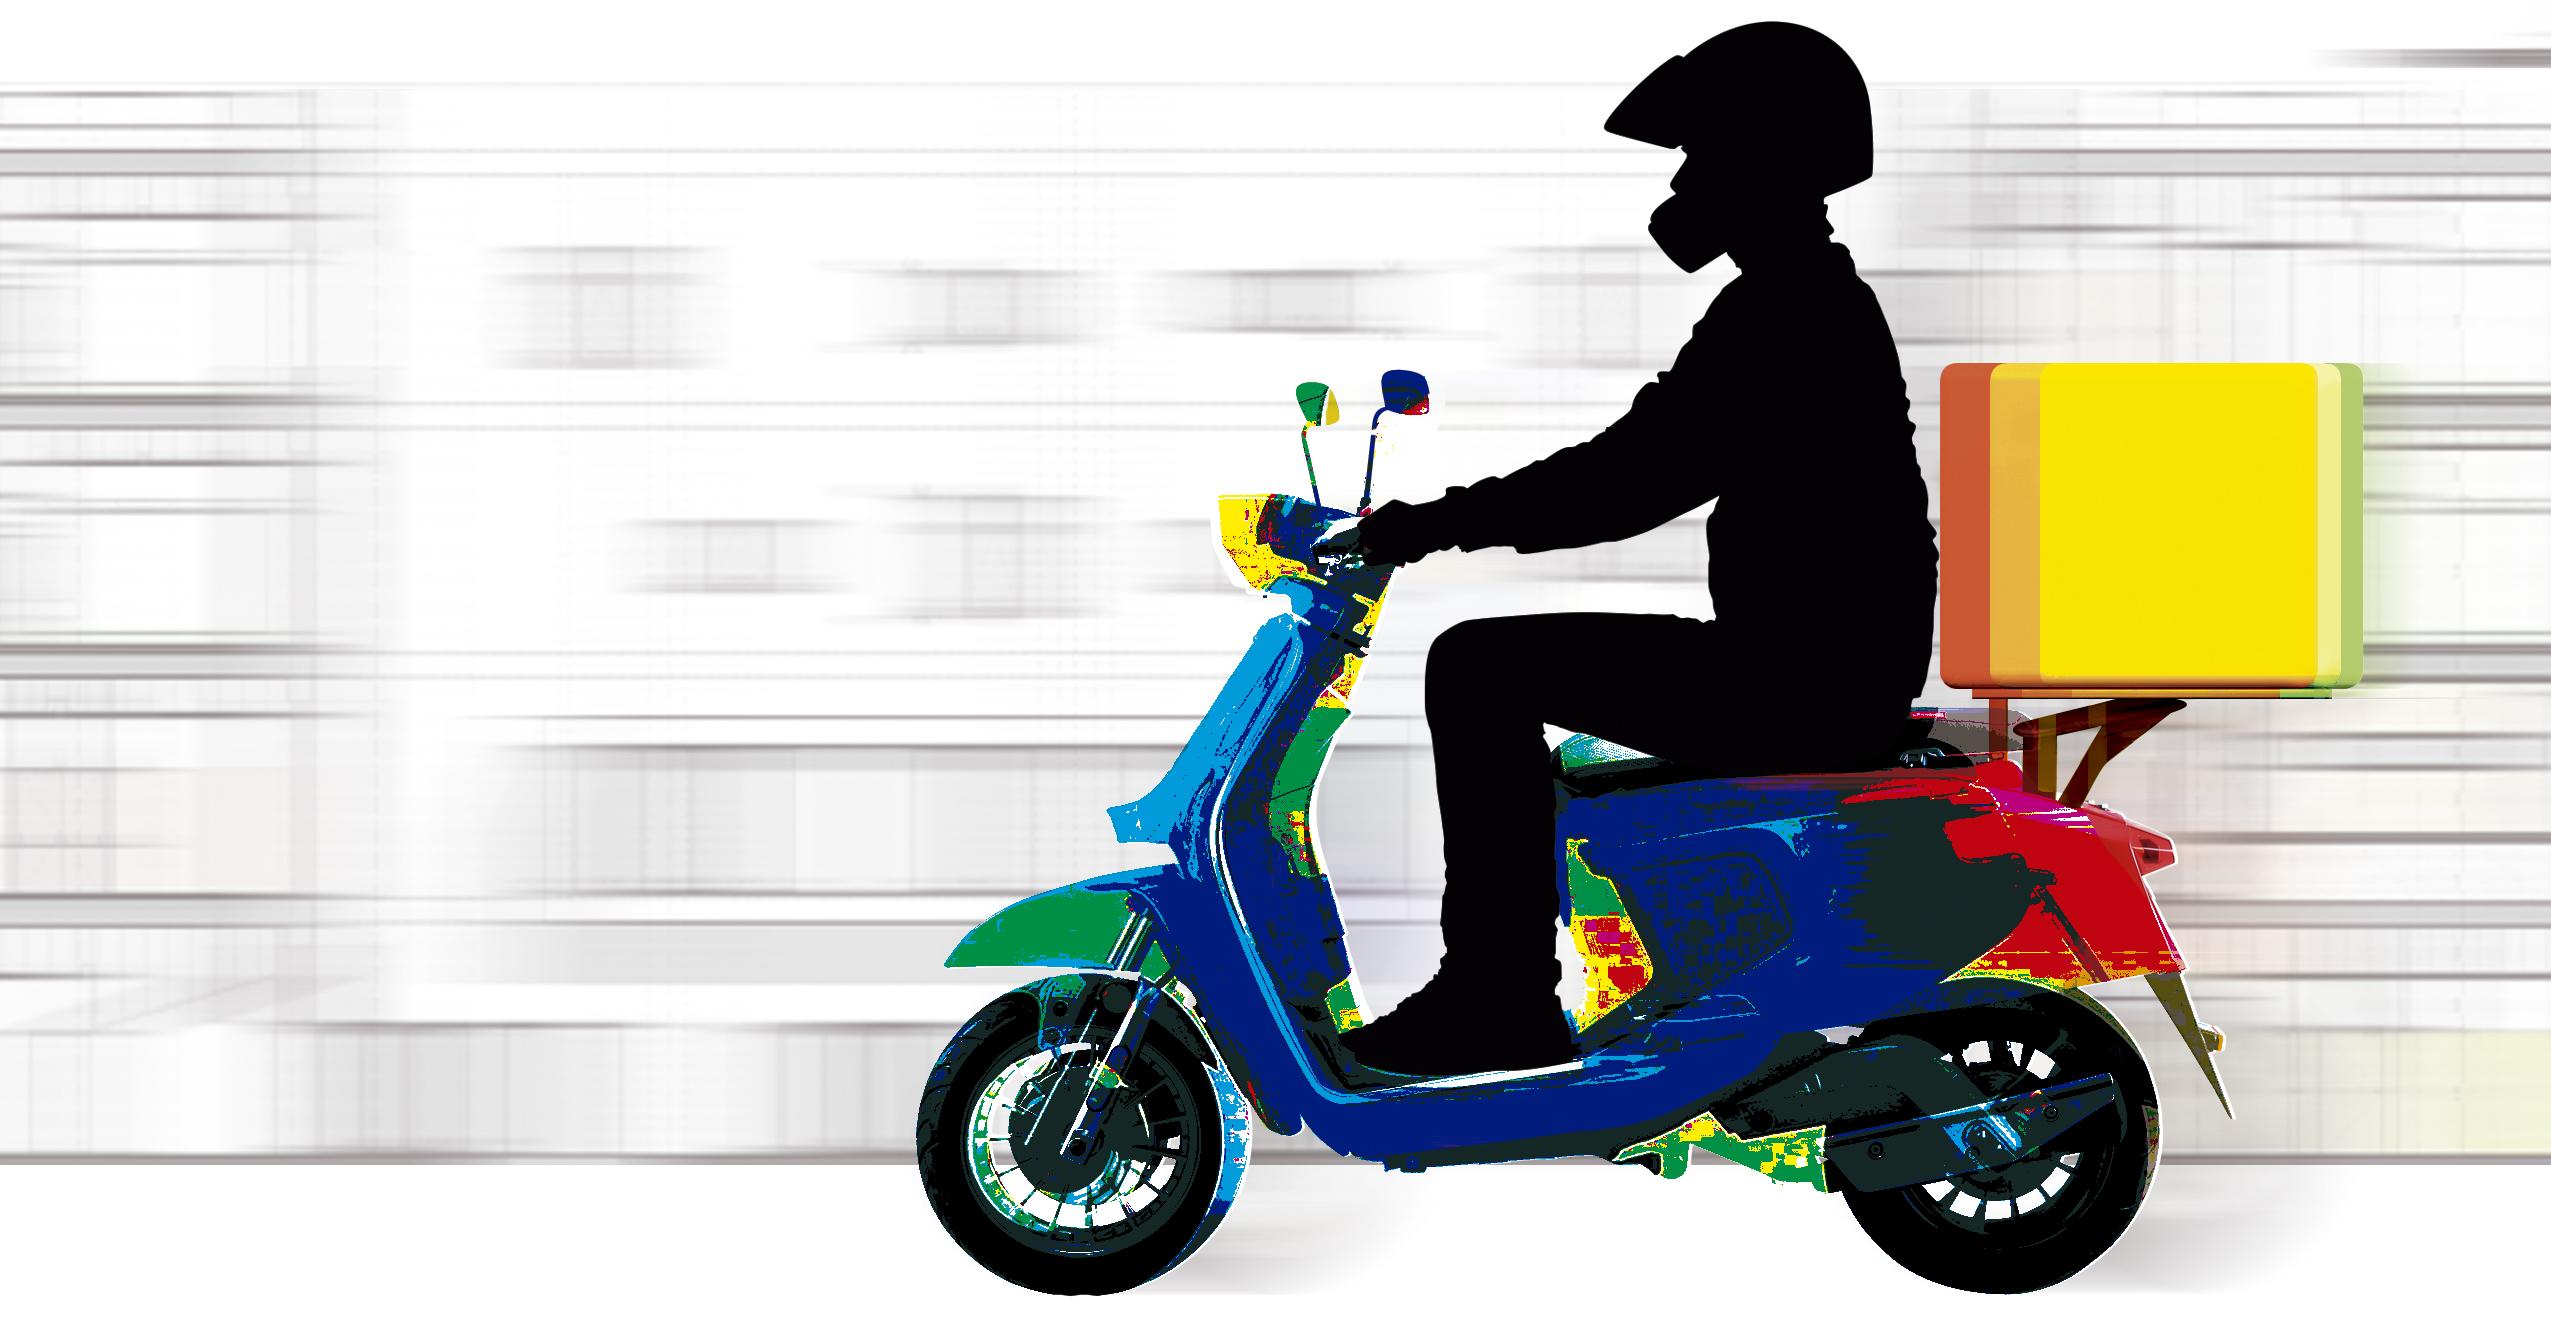 La precariedad sobre una scooter